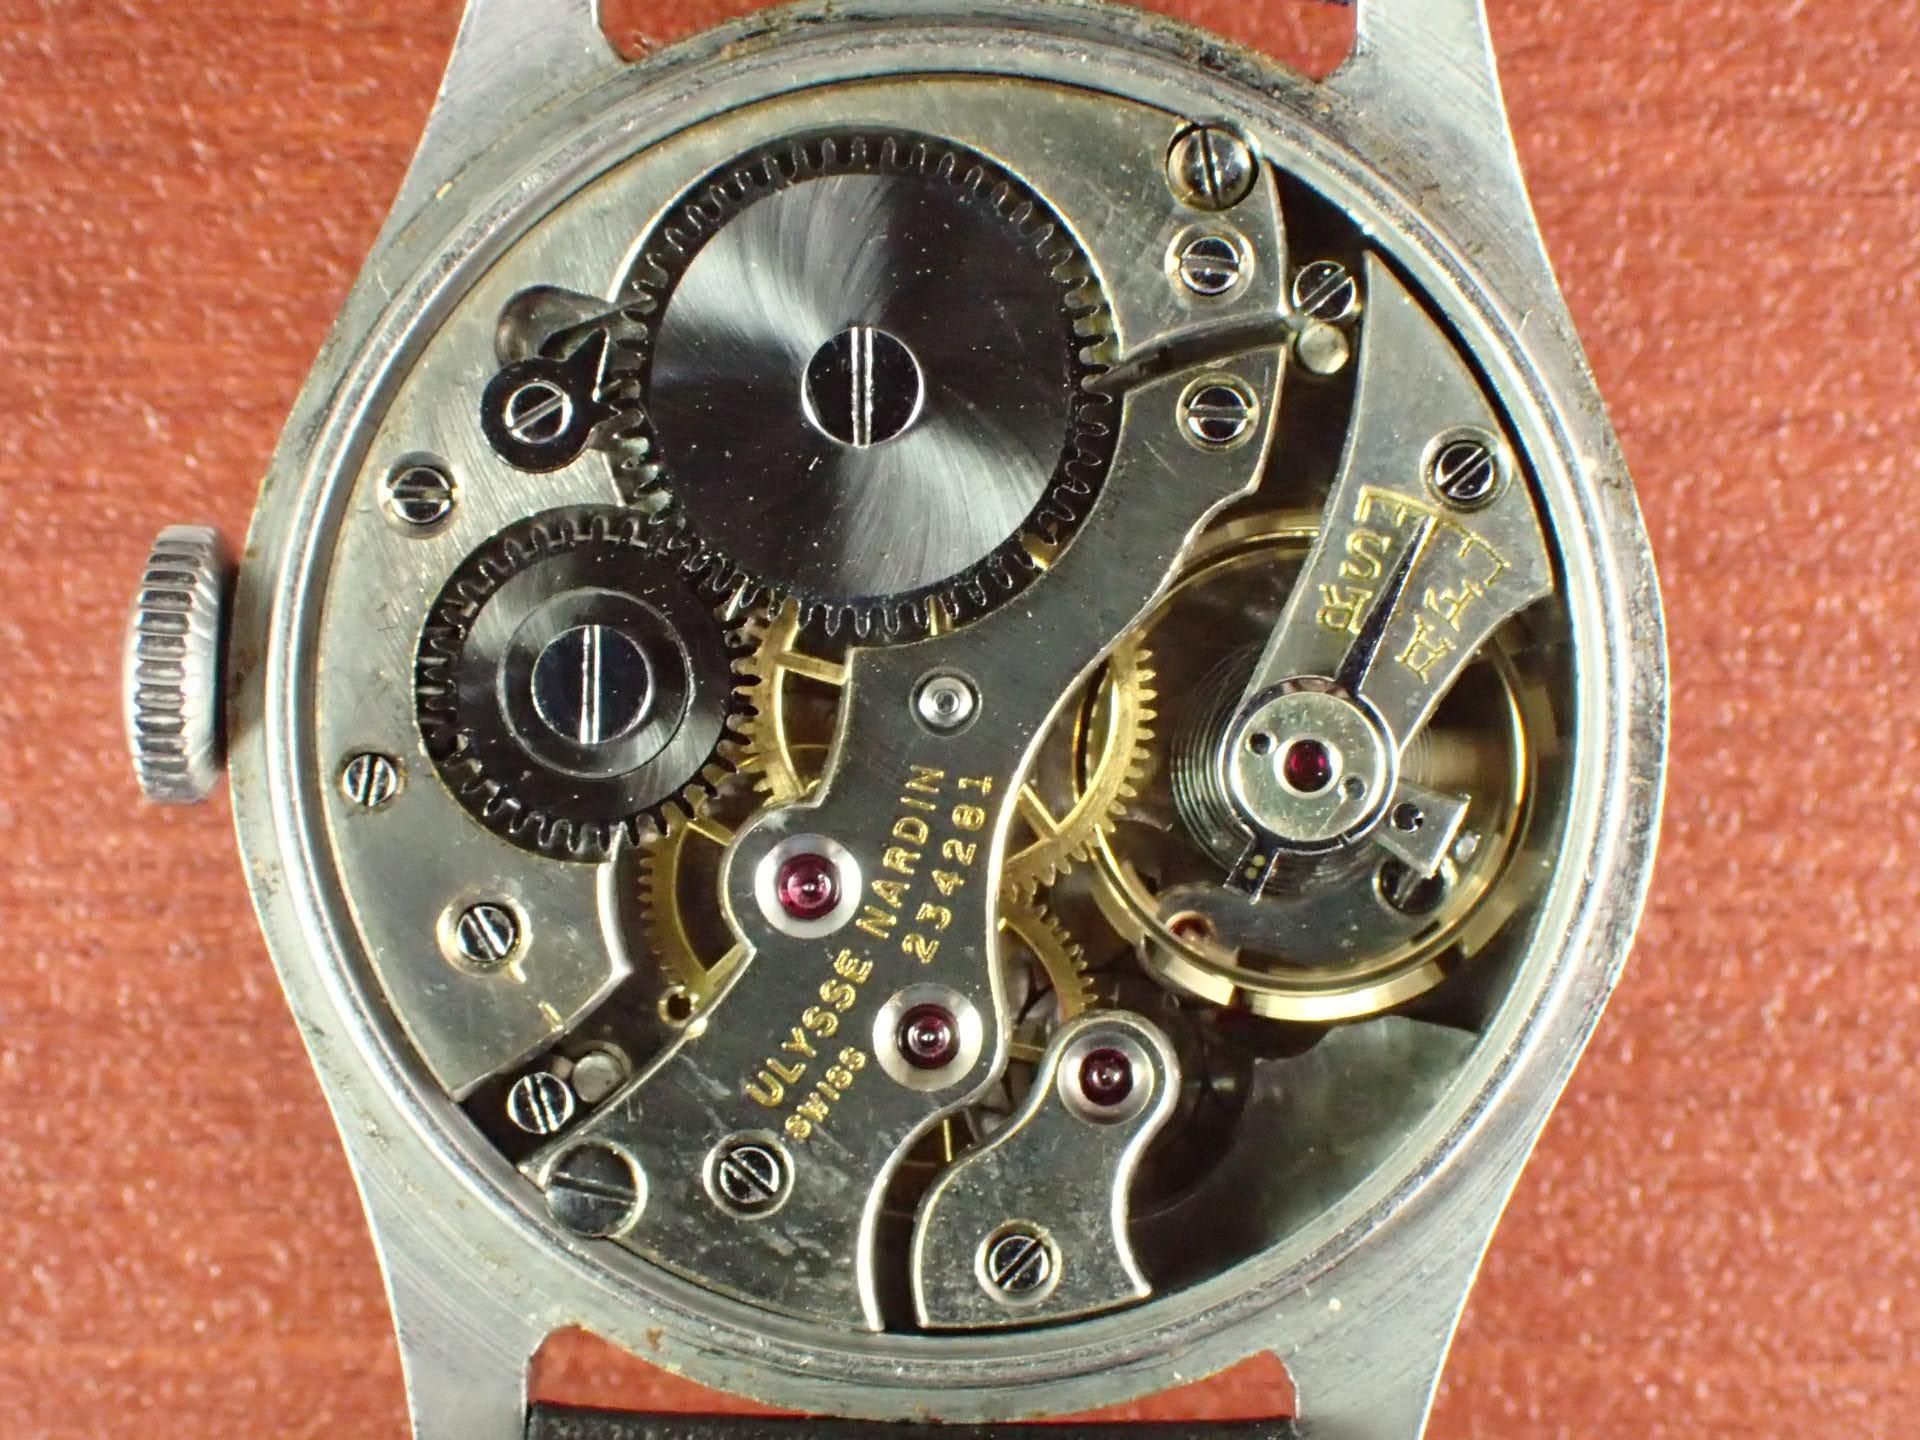 ユリスナルダン カラトラバケース ローマンインデックス 1940年代の写真5枚目